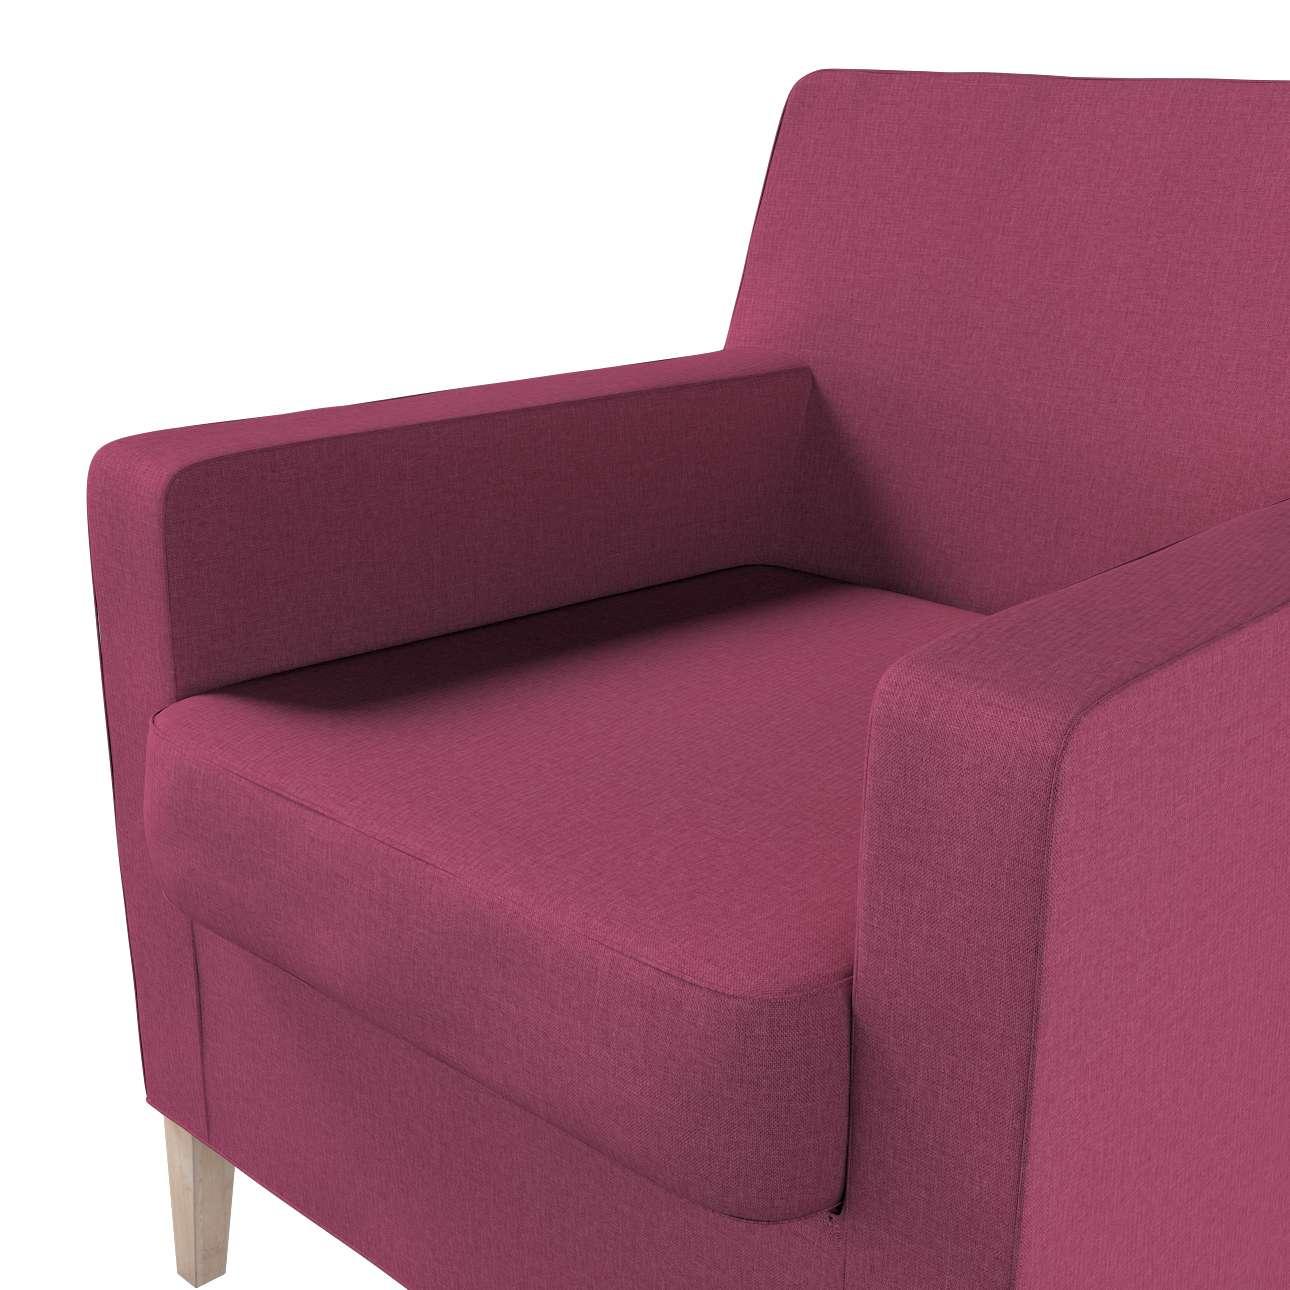 Pokrowiec na fotel Karlstad w kolekcji Living, tkanina: 160-44